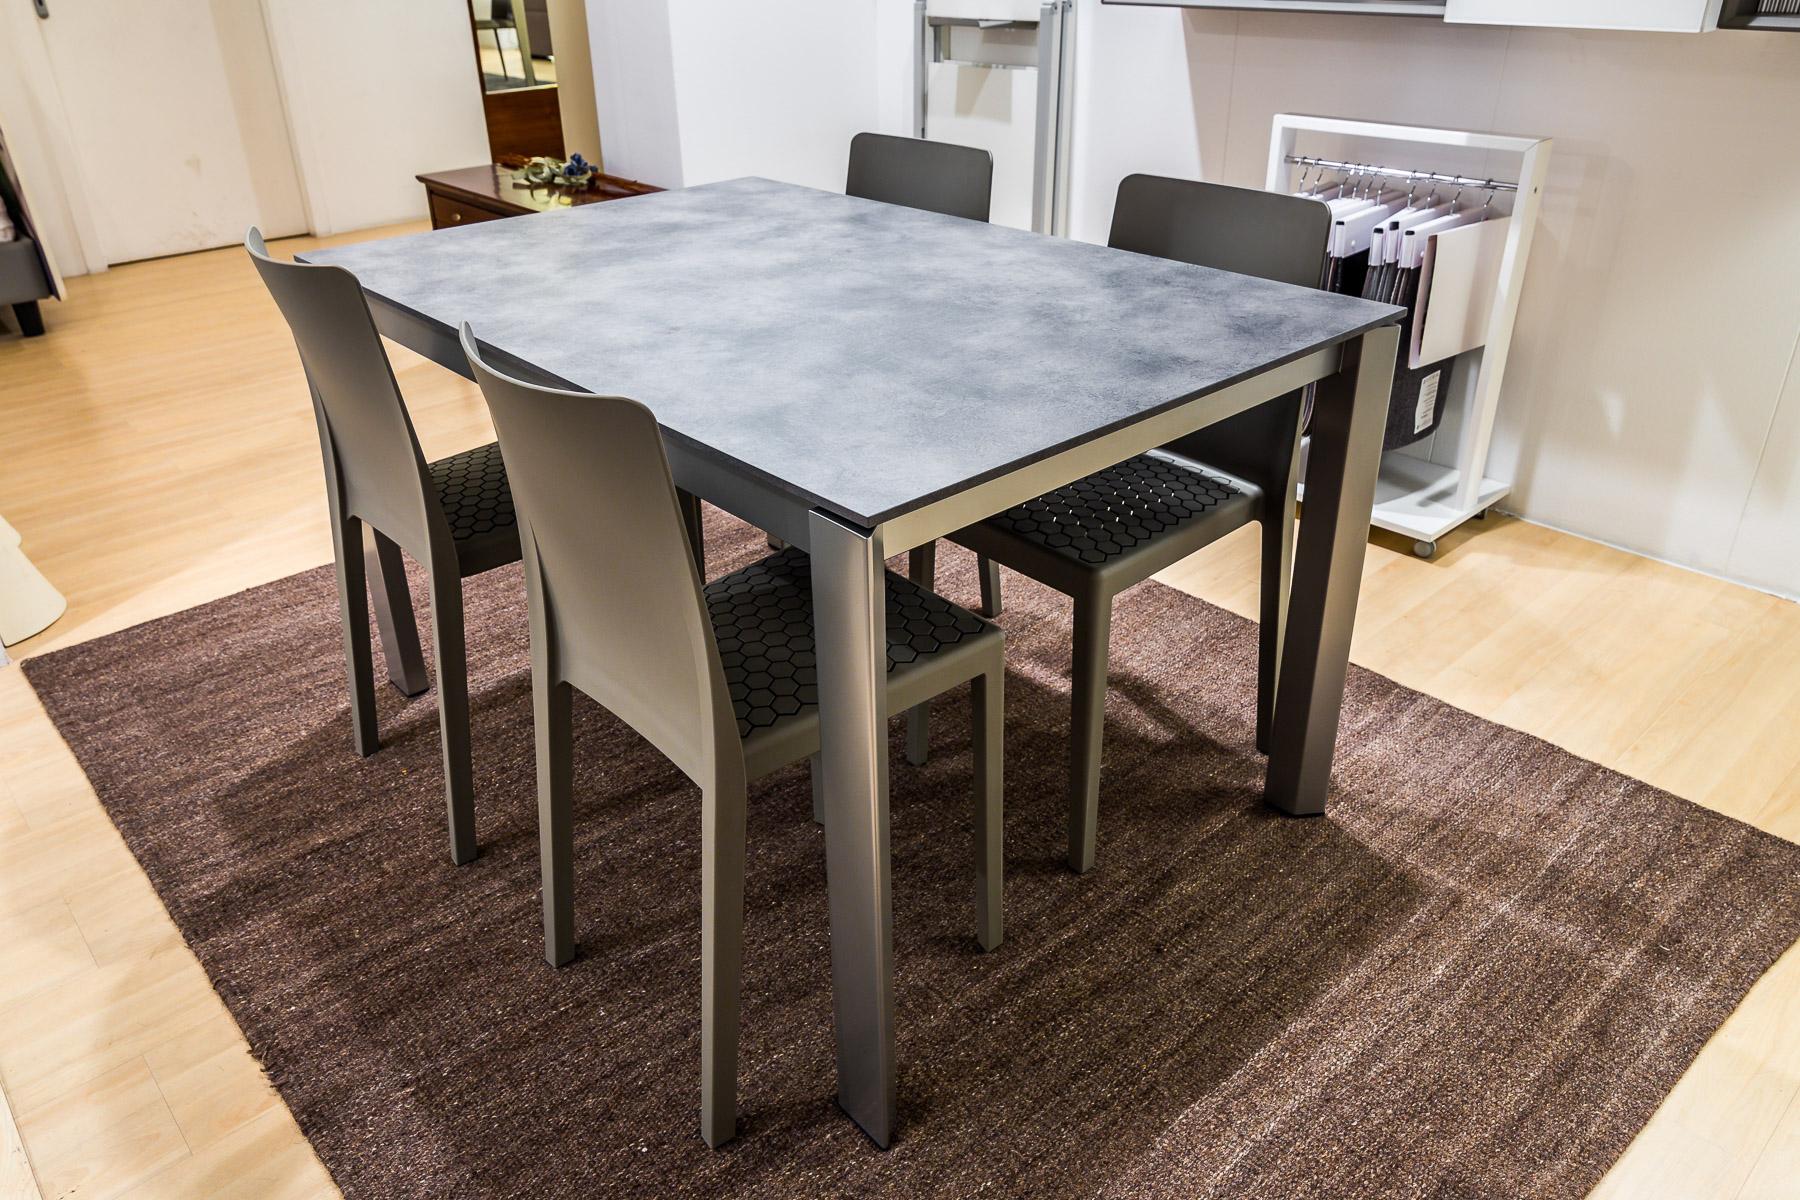 Calligaris tavolo duca 4 sedie ms4 vallatinnocenti for Tavolo cemento calligaris